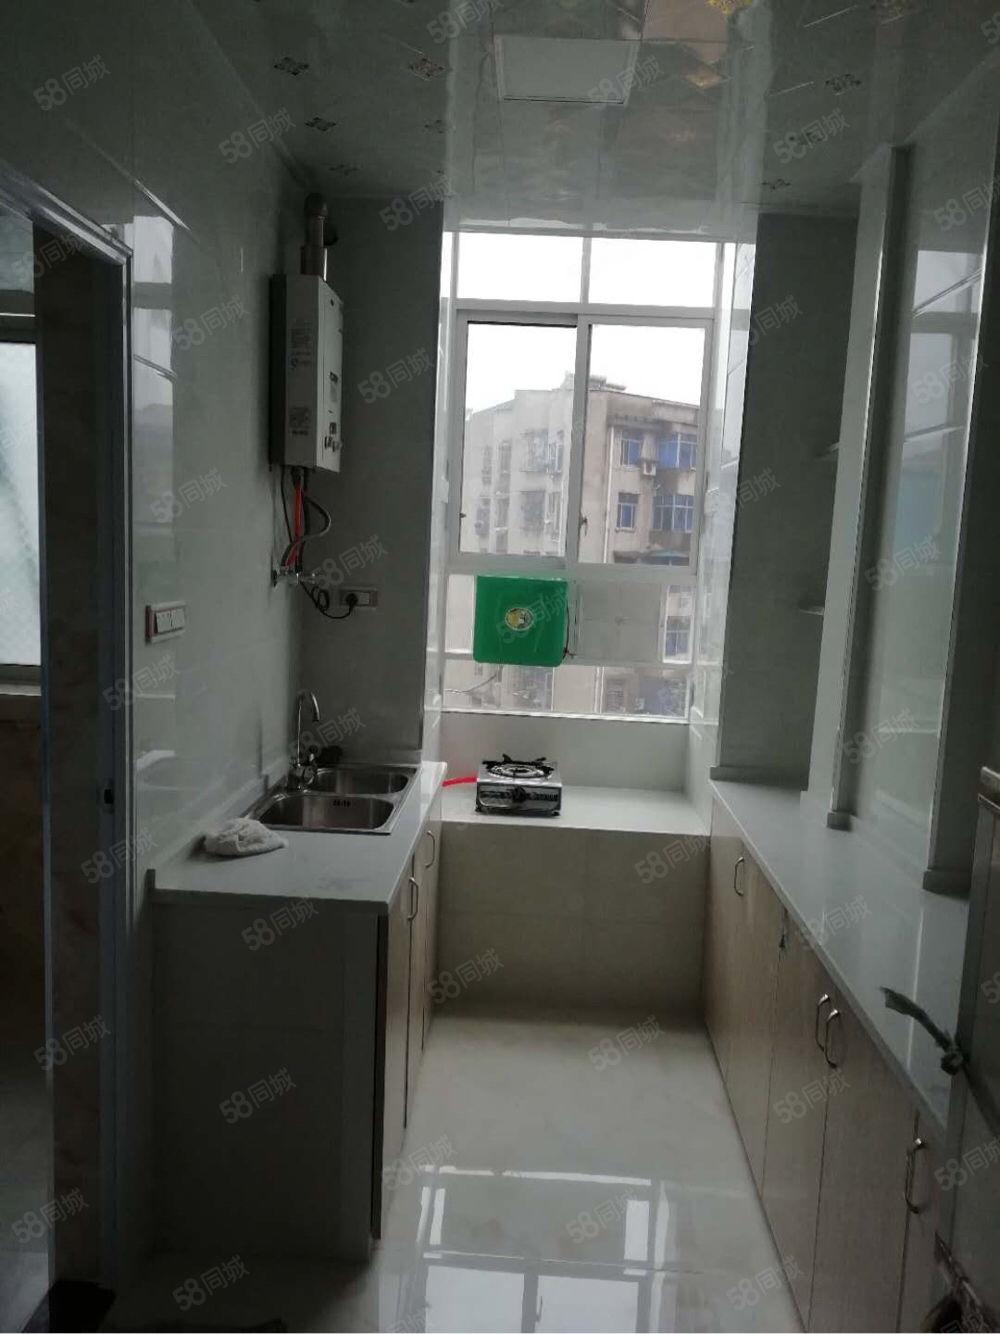 6楼公寓式房子出租,家电齐全